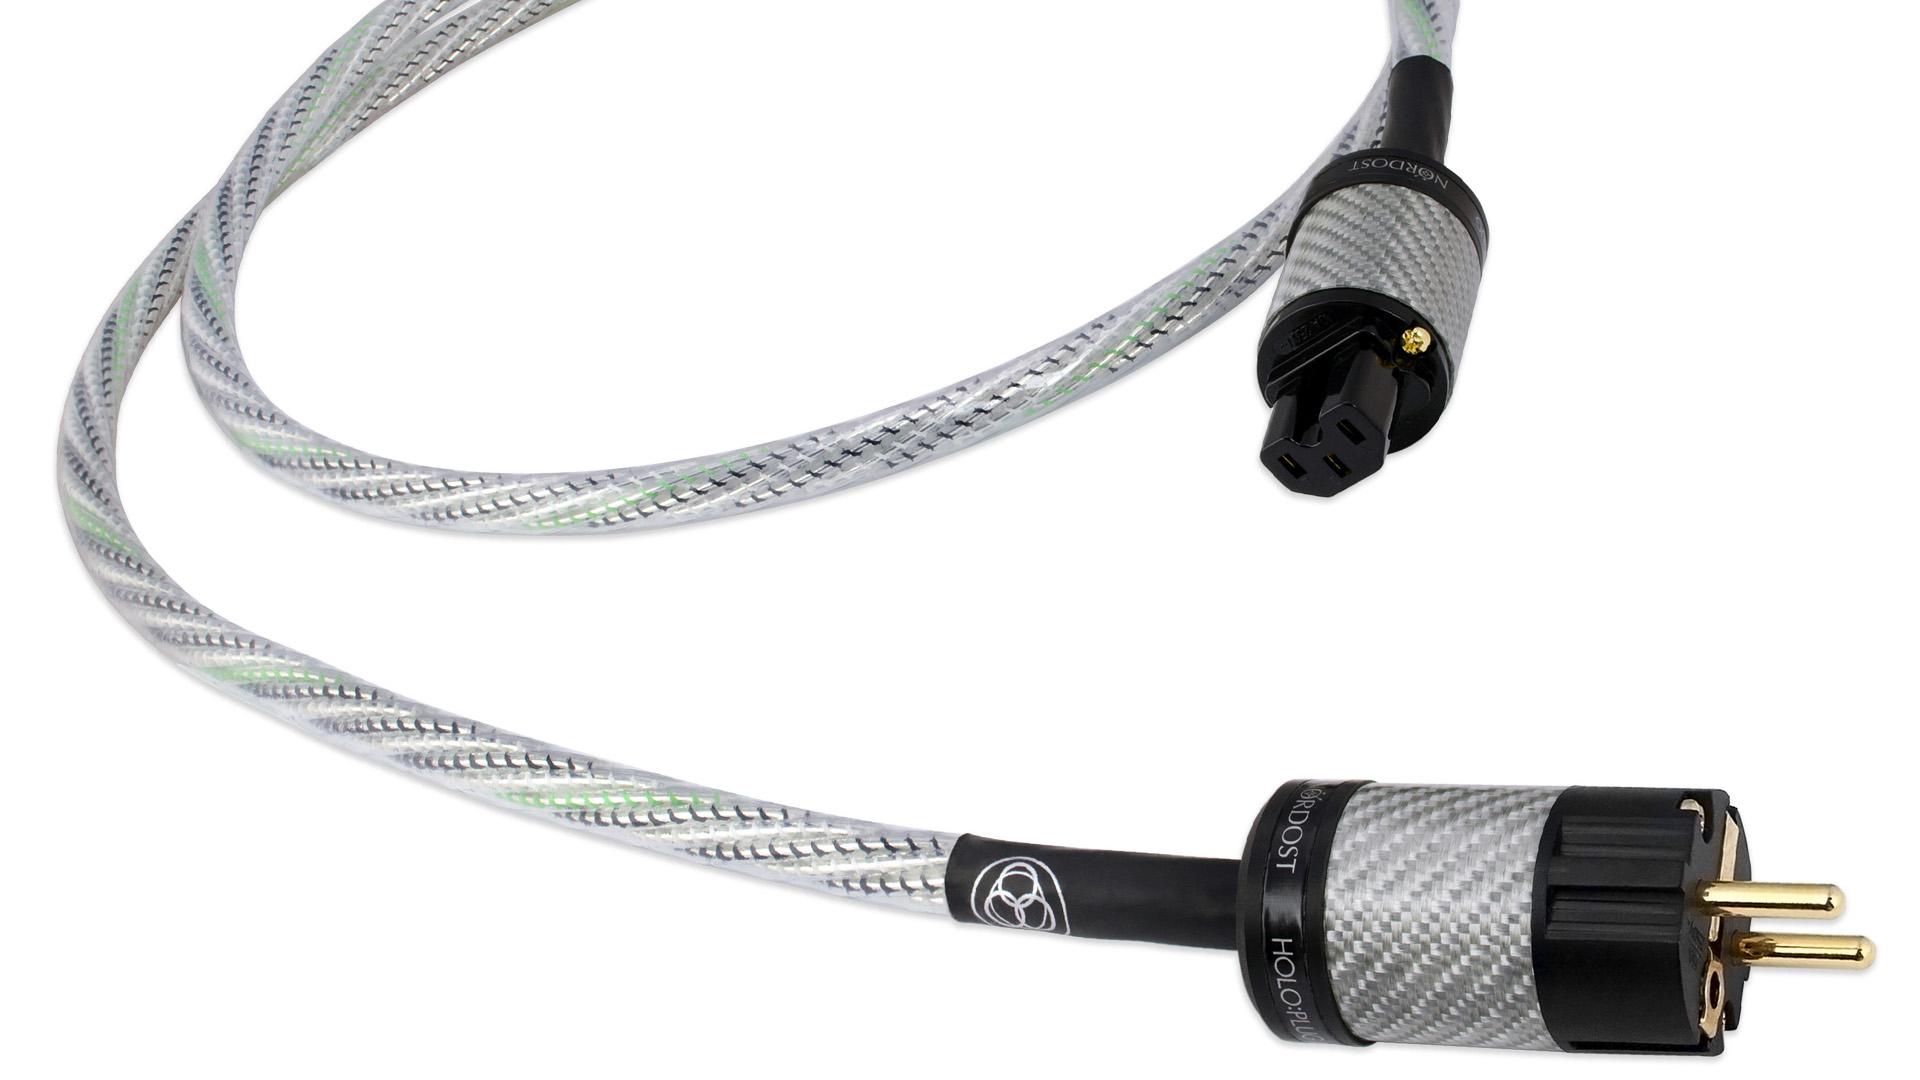 Комплект кабелей Nordost Valhalla 2: страсть аудиофила